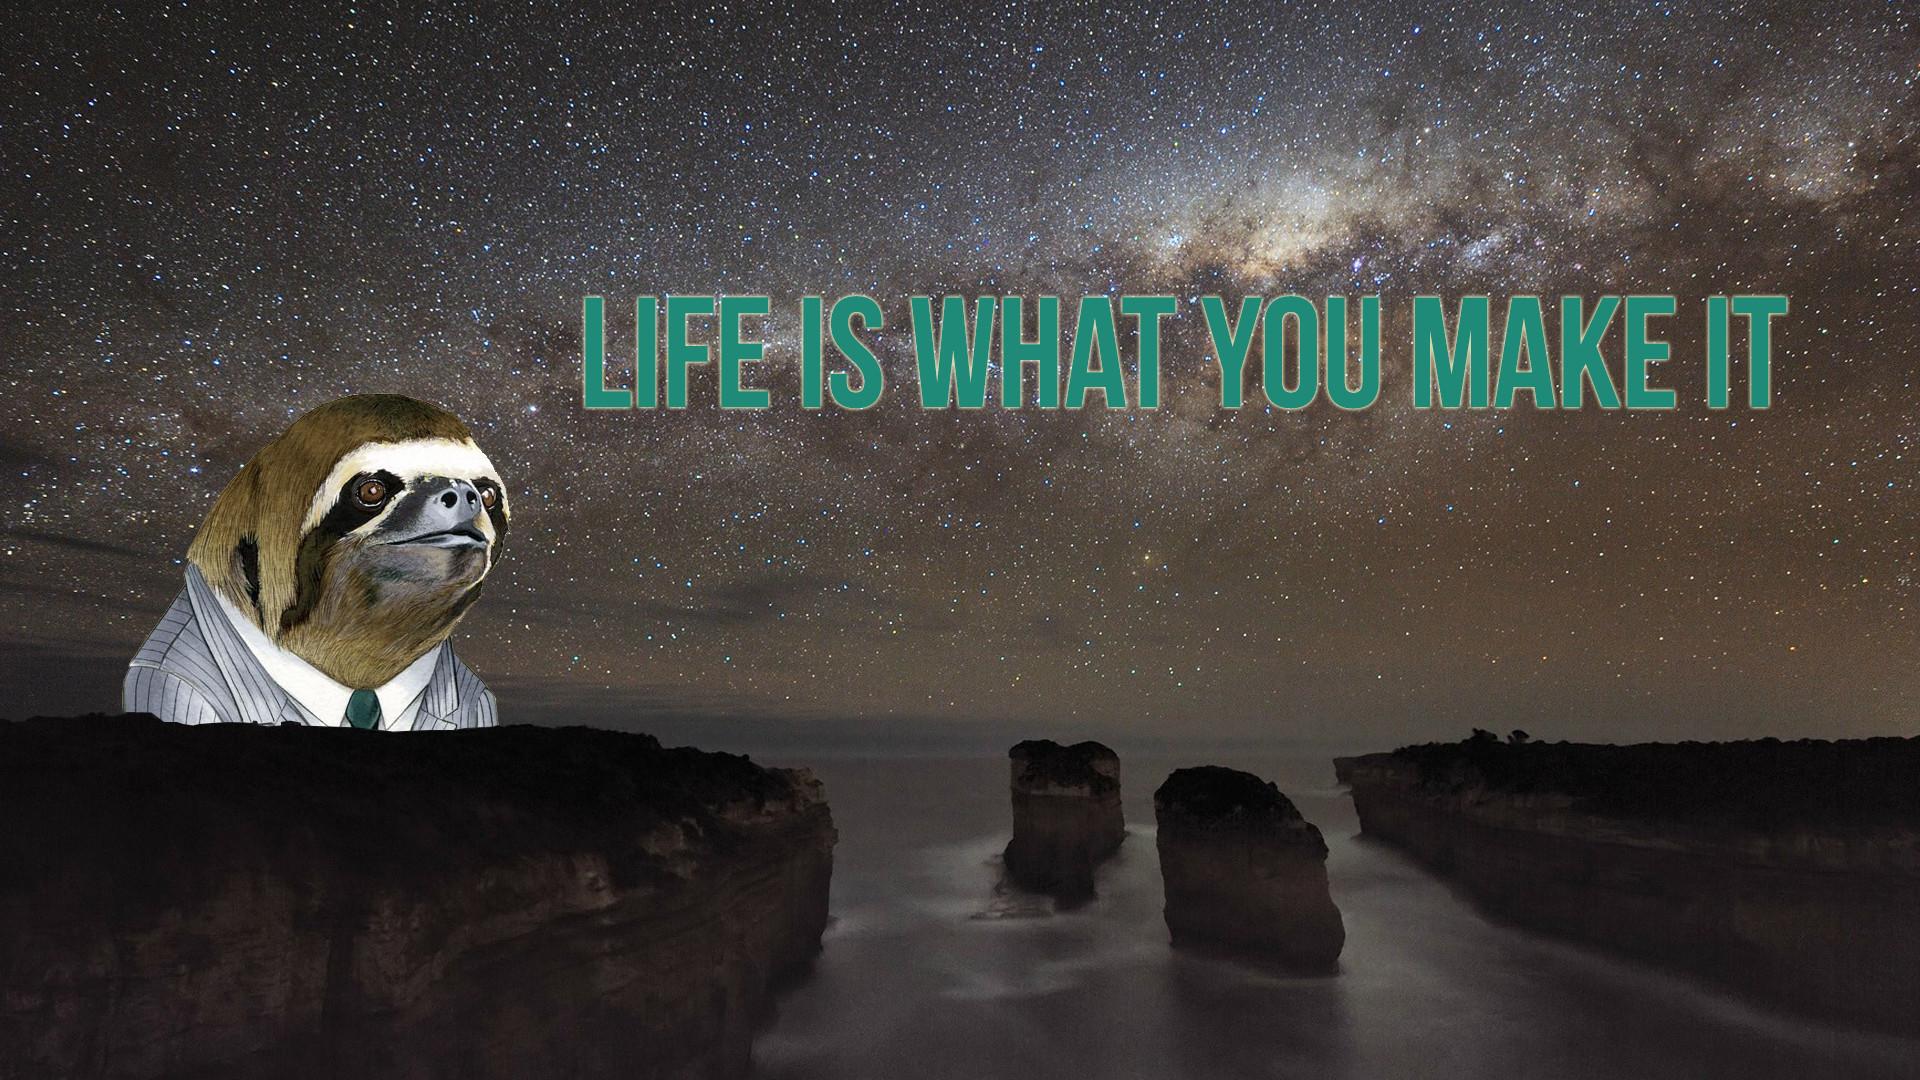 Res: 1920x1080, LIFE IS WHAT YOU MAKE IT Australia sky atmosphere phenomenon